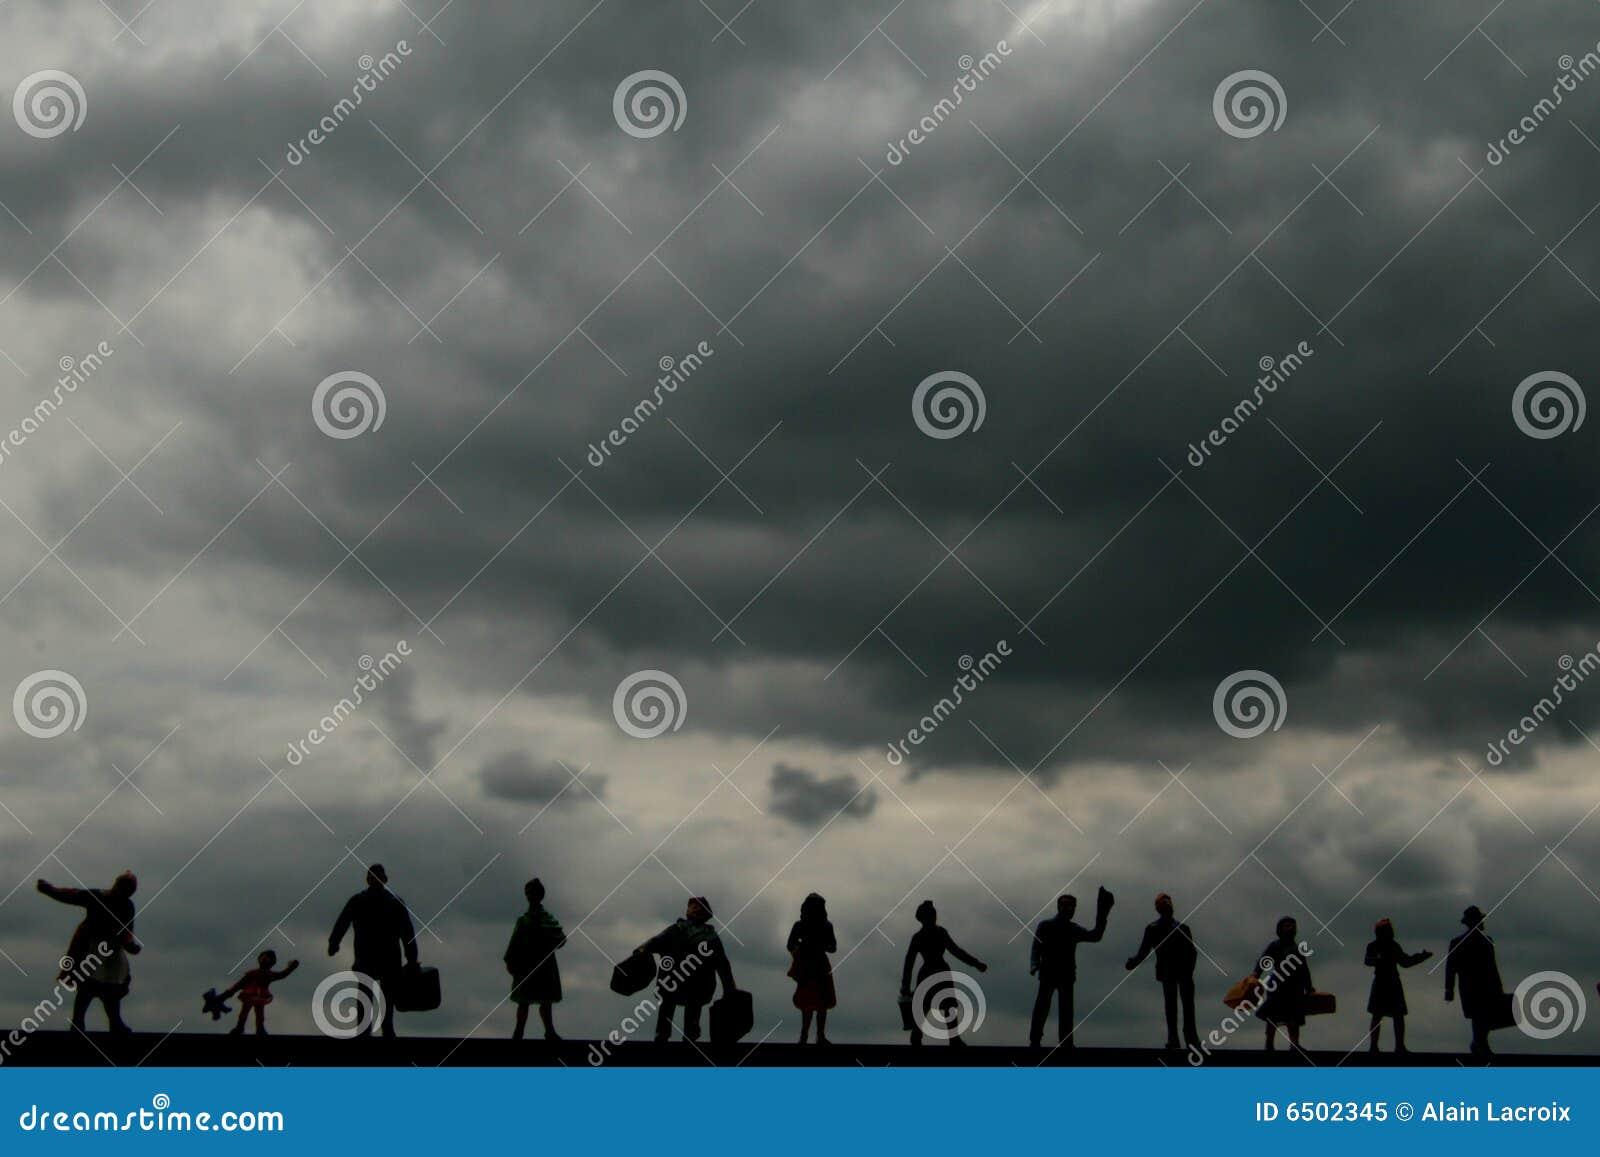 Dark cloud world